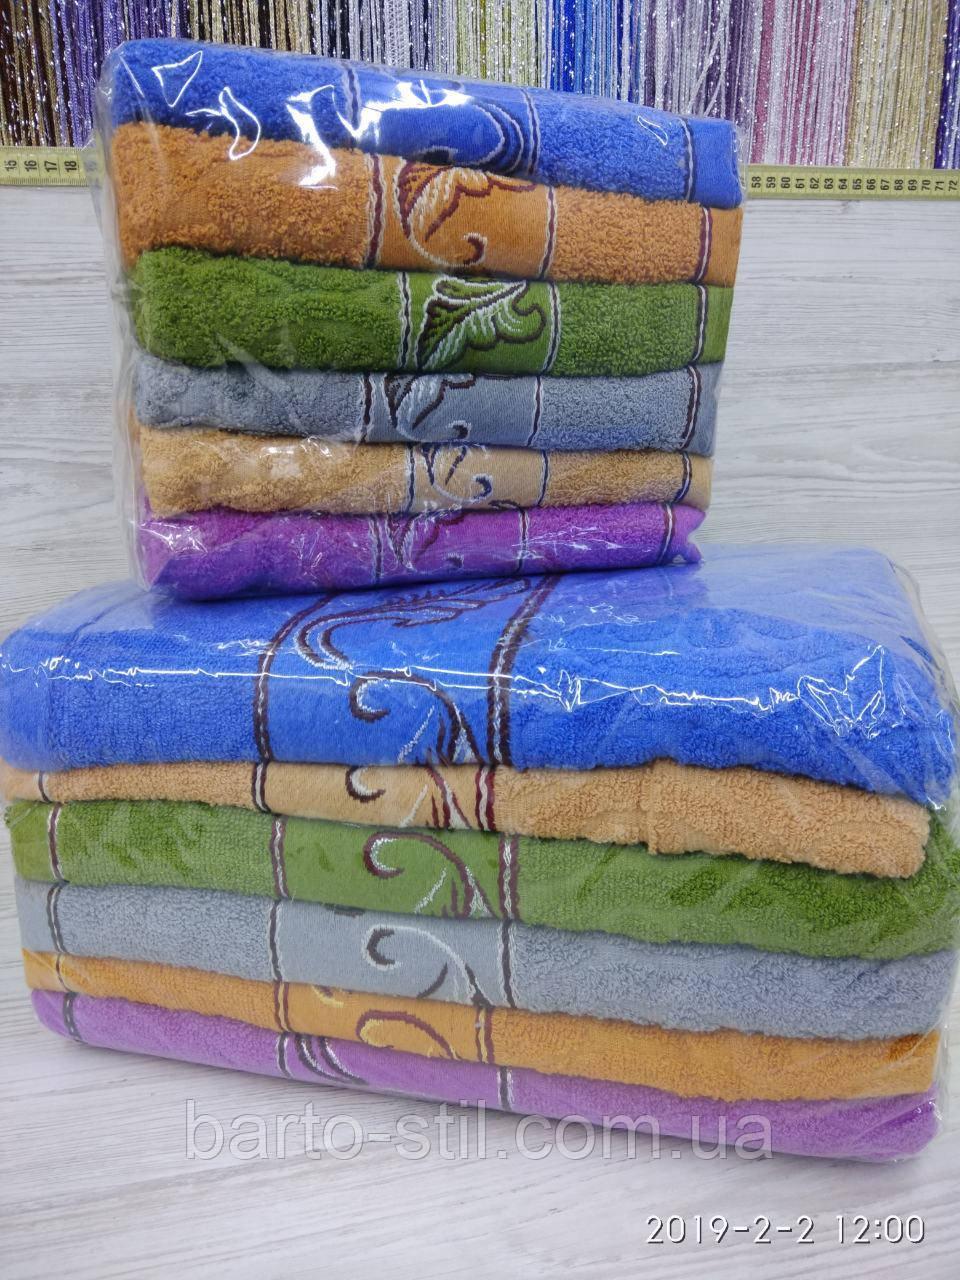 Комплект банных полотенец с вышивкой  Размер 70Х140 6 шт.